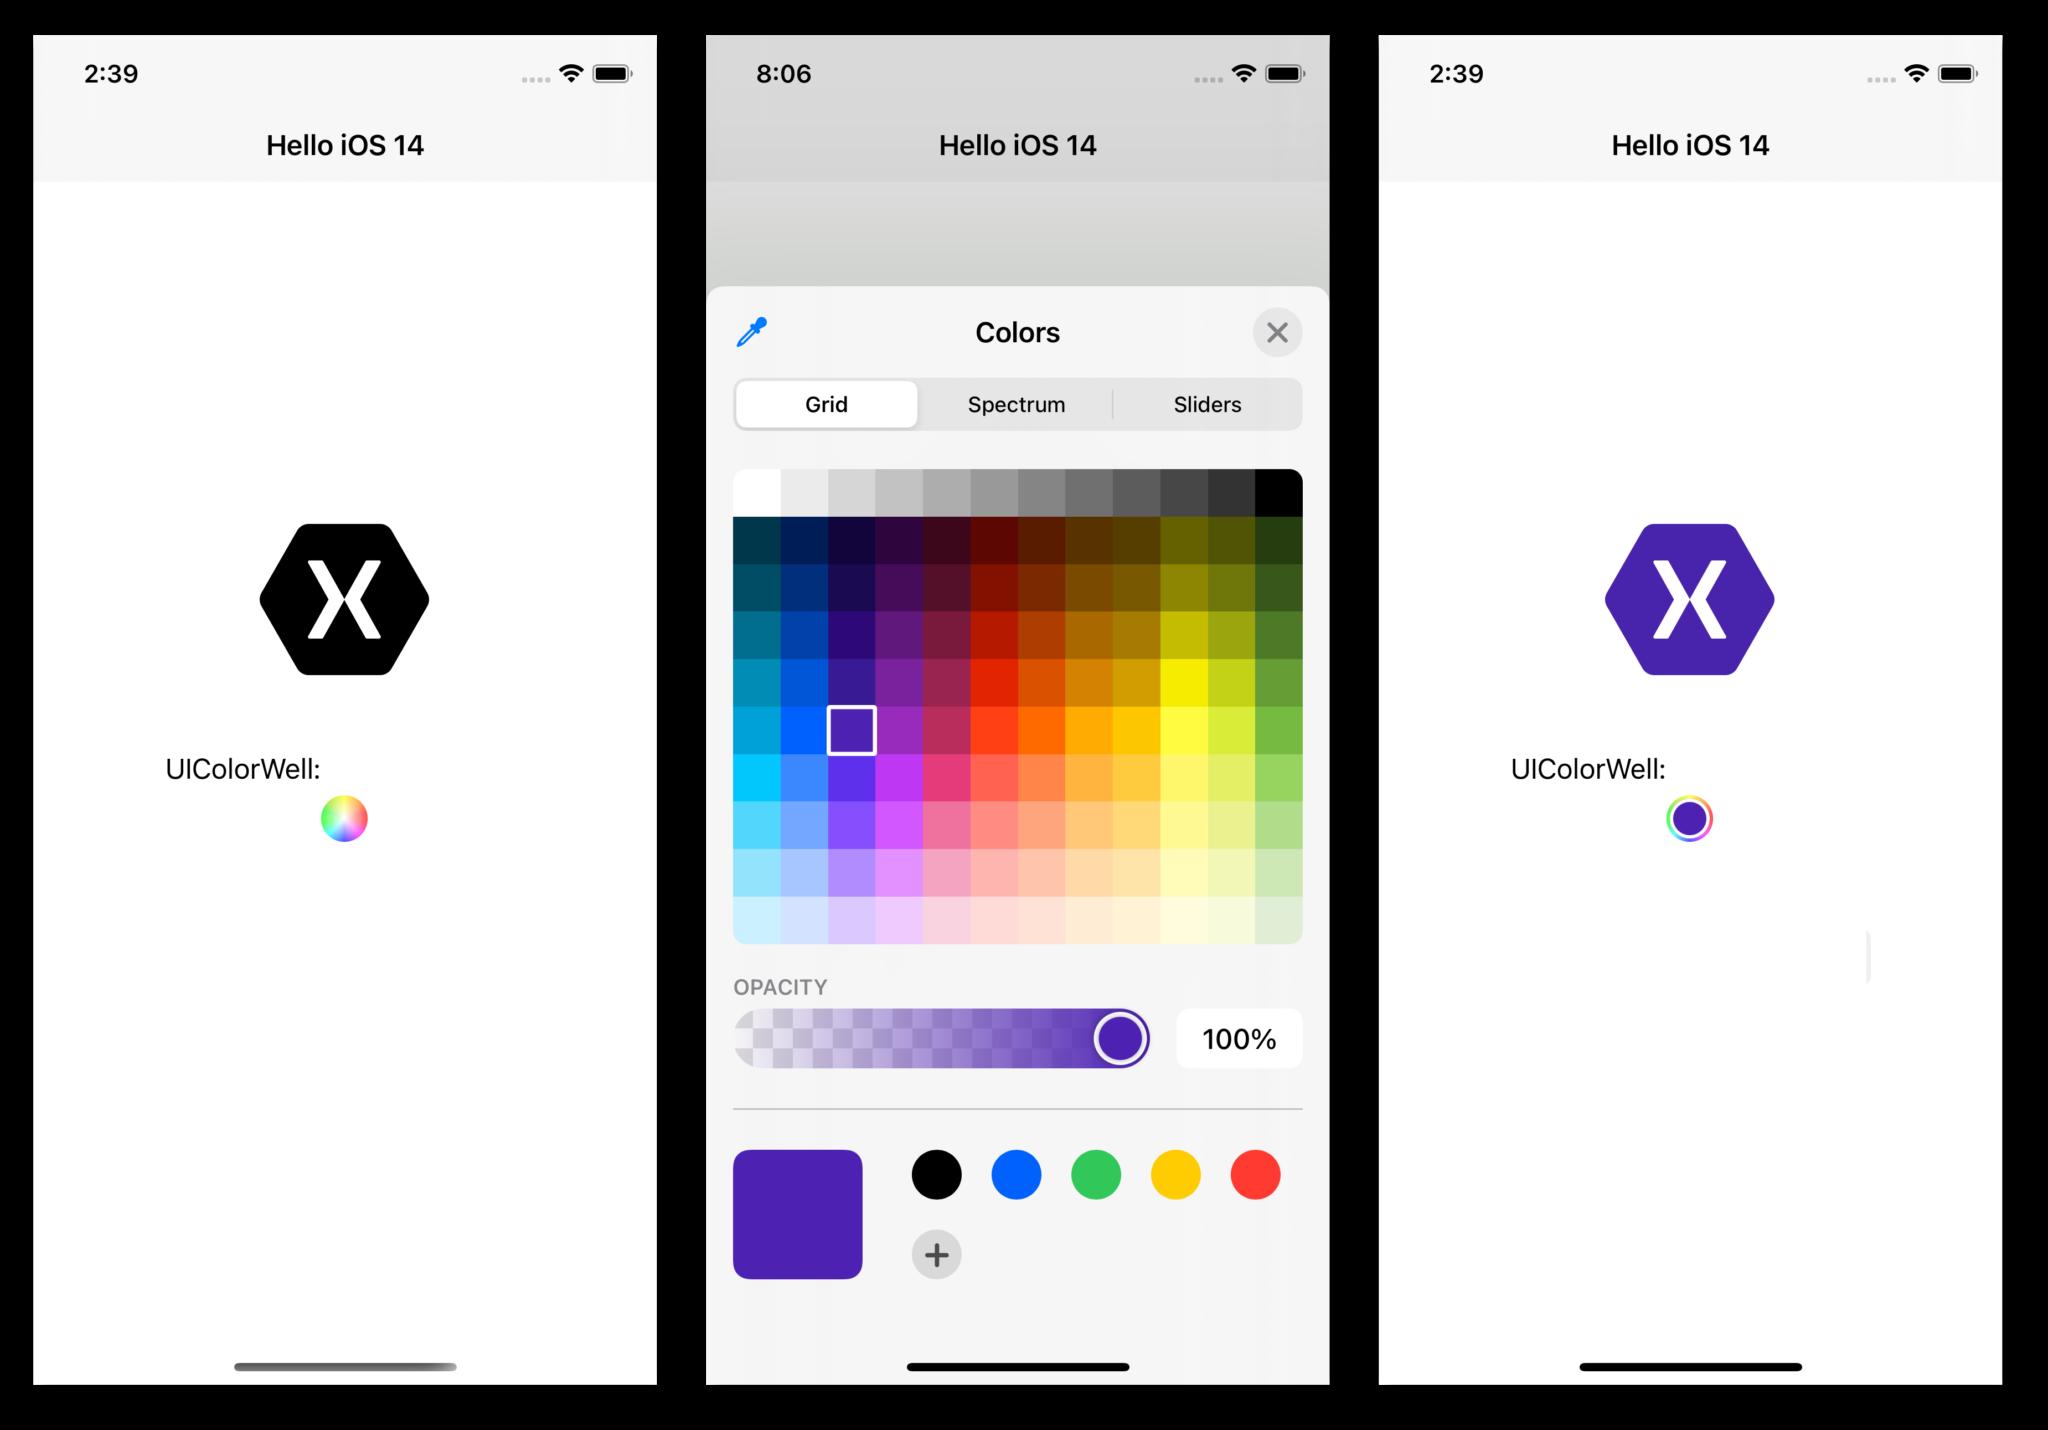 Build Xamarin.iOS apps using iOS 14 and Xcode 12 | Xamarin Blog